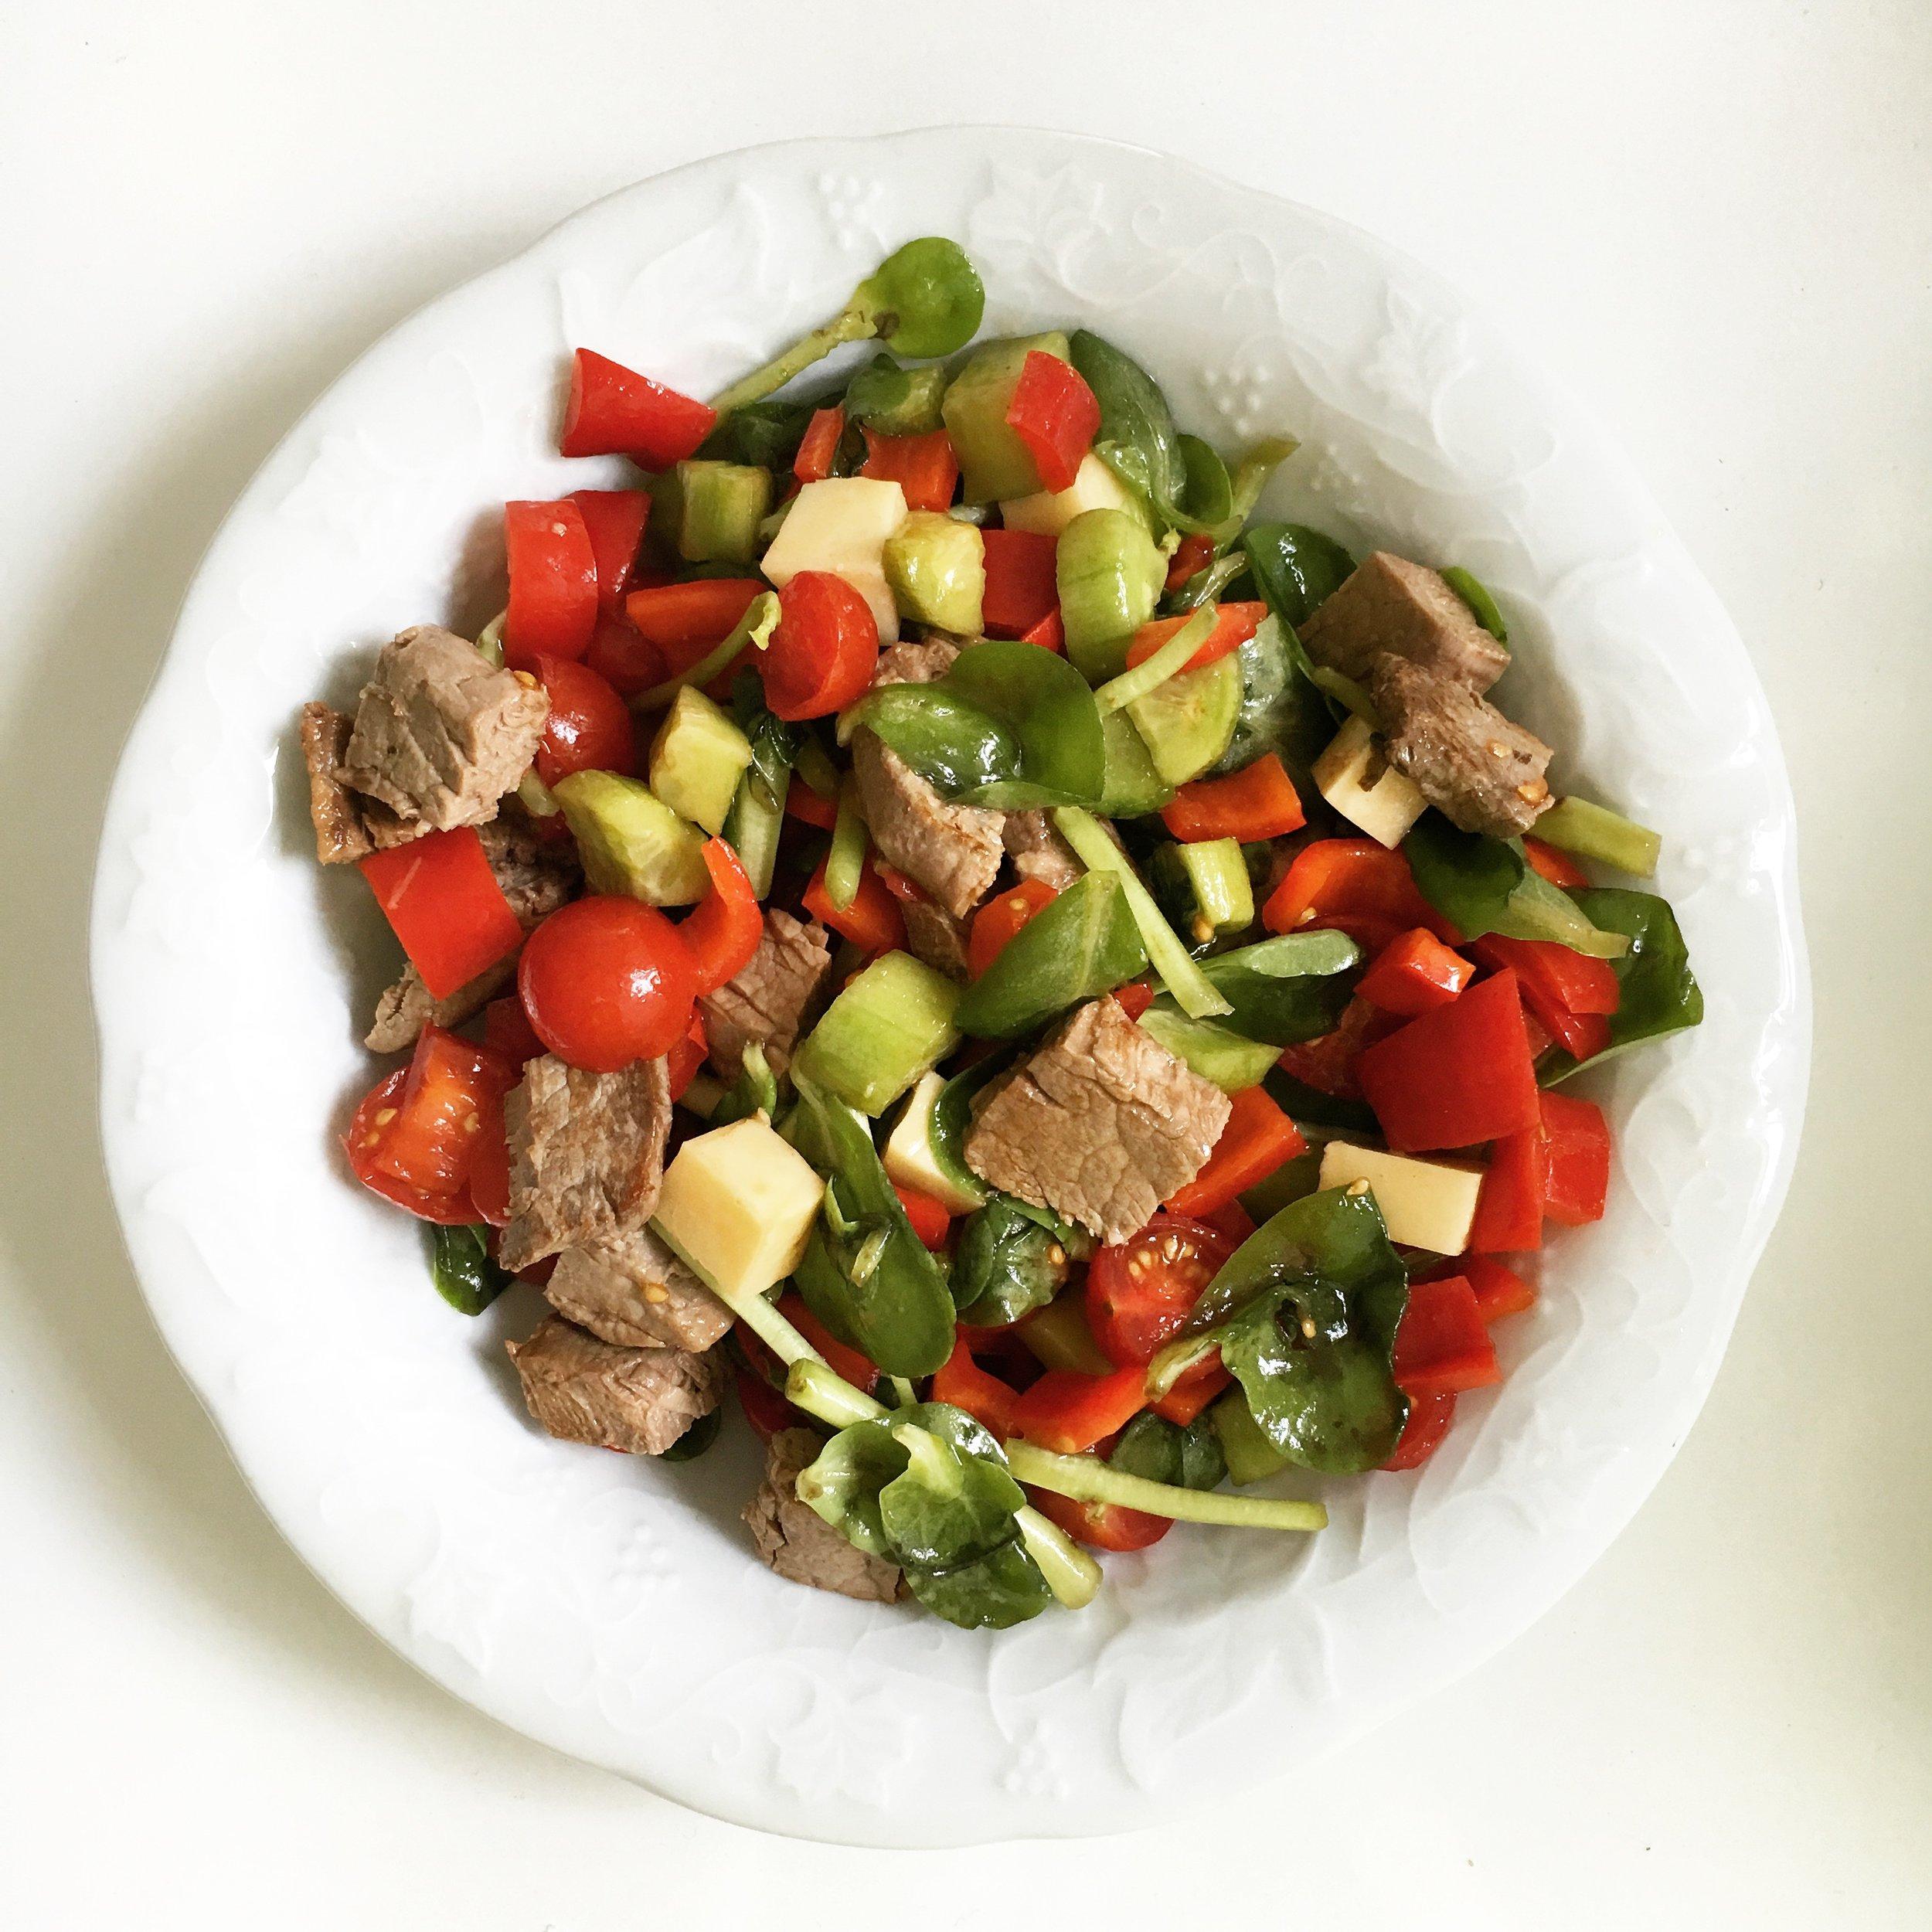 Buzdolabını boşalt; ızgara et parçaları, semizotu, çeri domates, salatalık, kapya biber, çedar peynir küpleri, semizotu.Limon ve zeytinyağı ile.